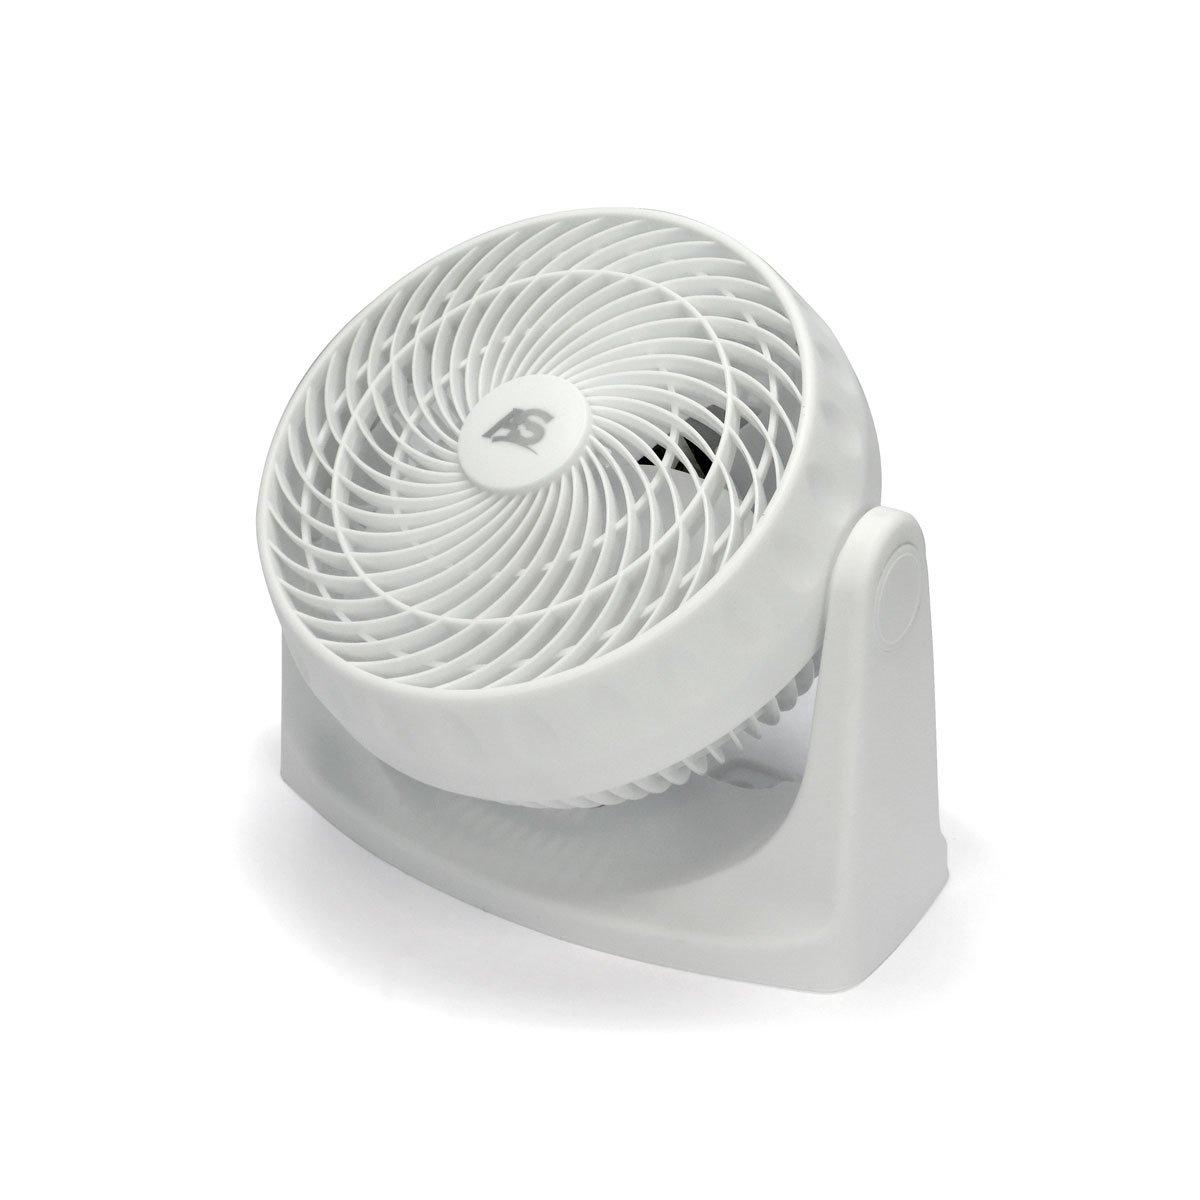 Advanced Star Ventilateur Star Floor Fan 20cm 30W